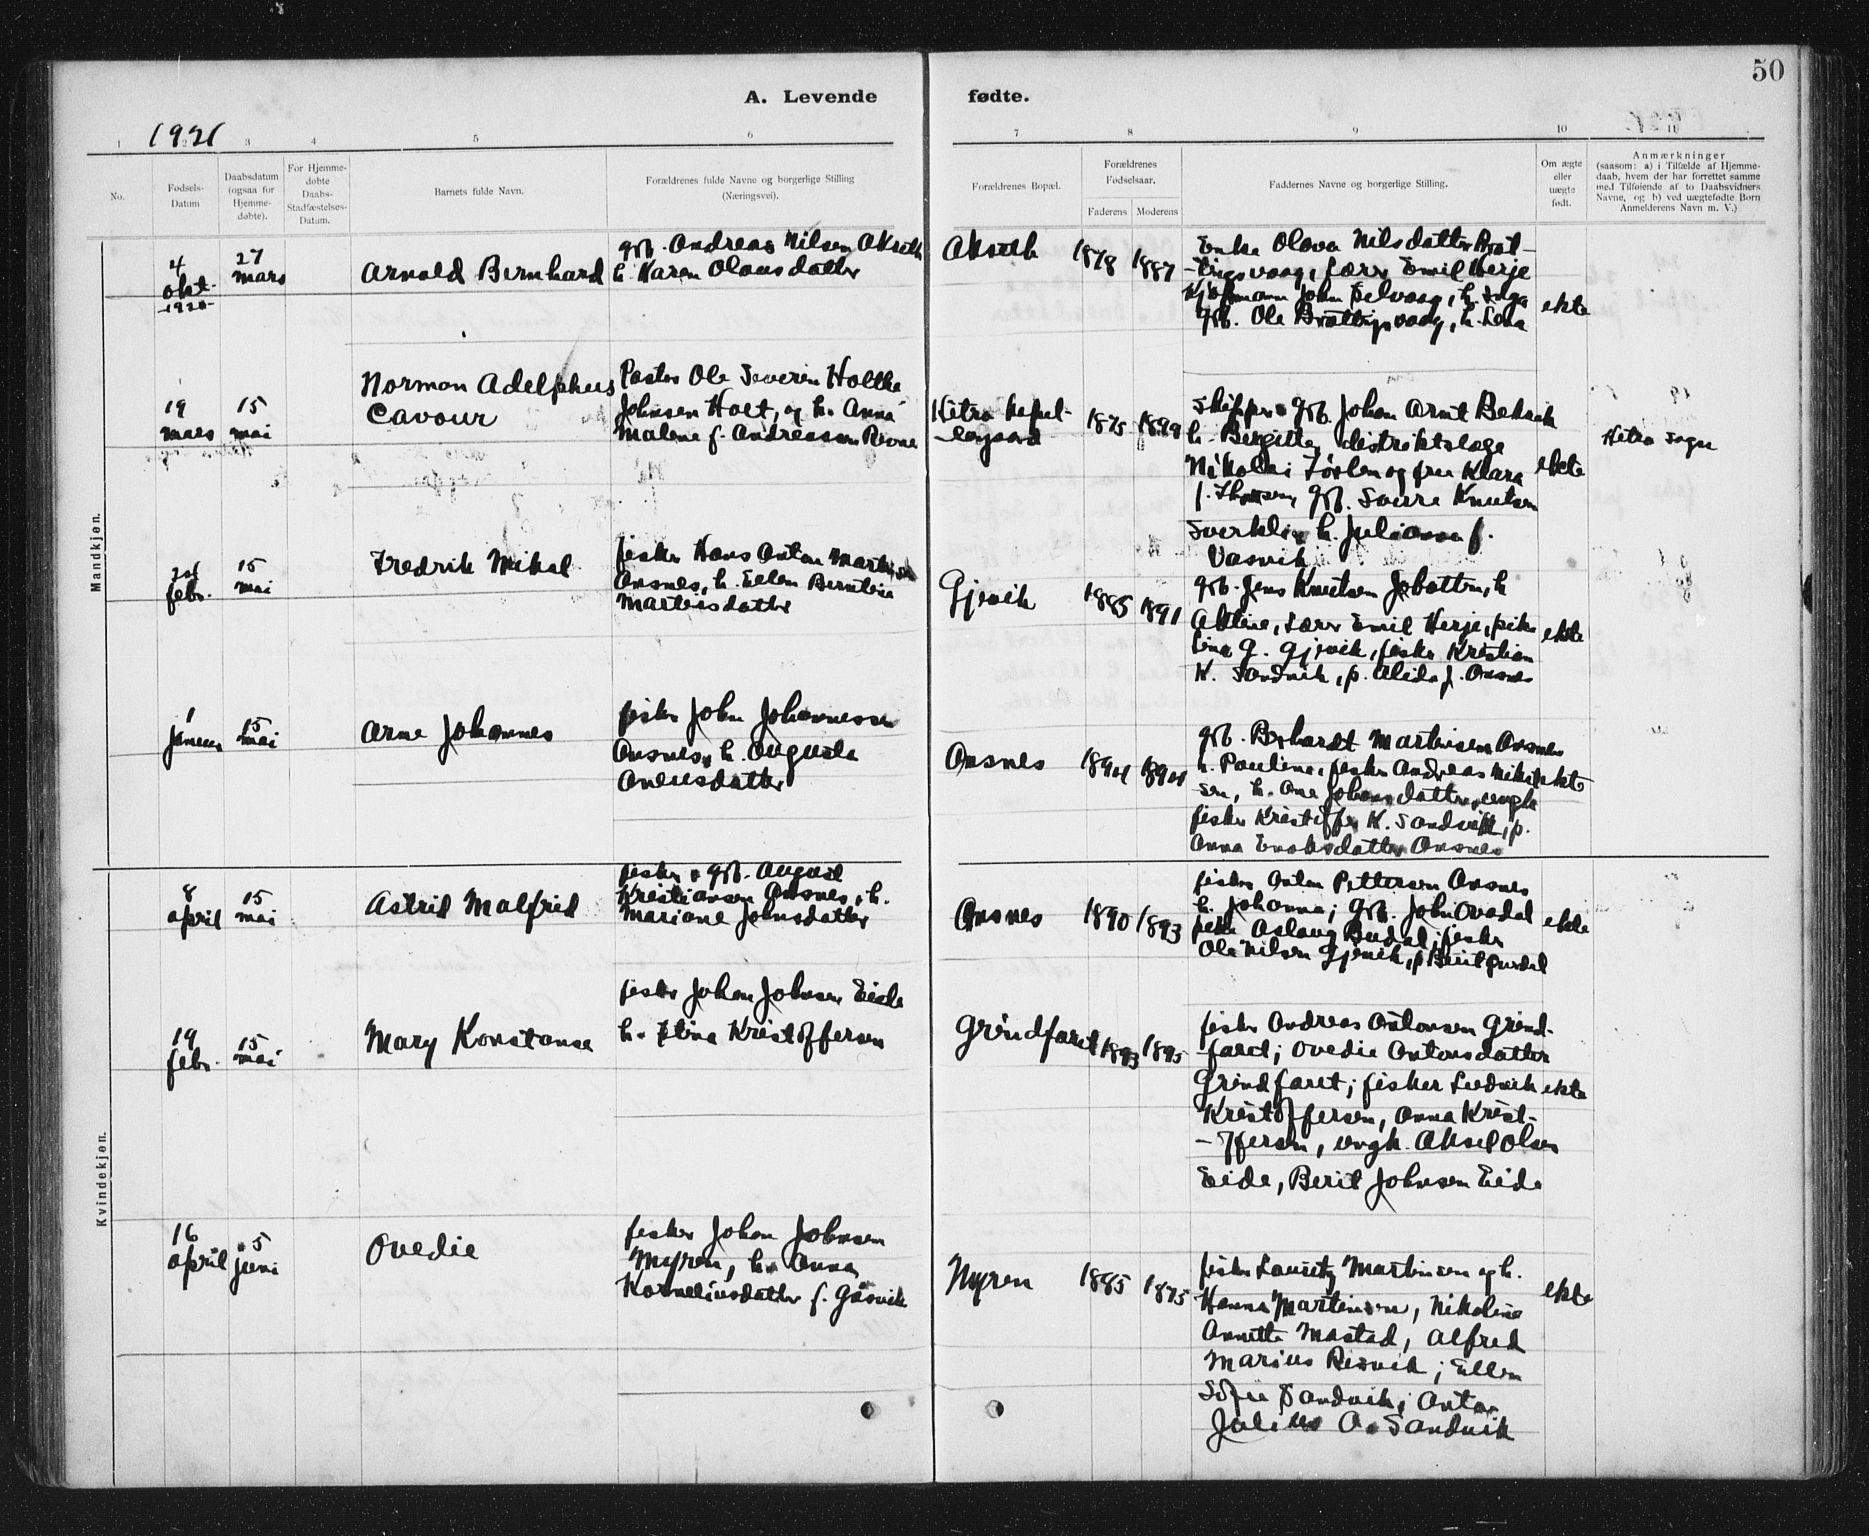 SAT, Ministerialprotokoller, klokkerbøker og fødselsregistre - Sør-Trøndelag, 637/L0563: Klokkerbok nr. 637C04, 1899-1940, s. 50